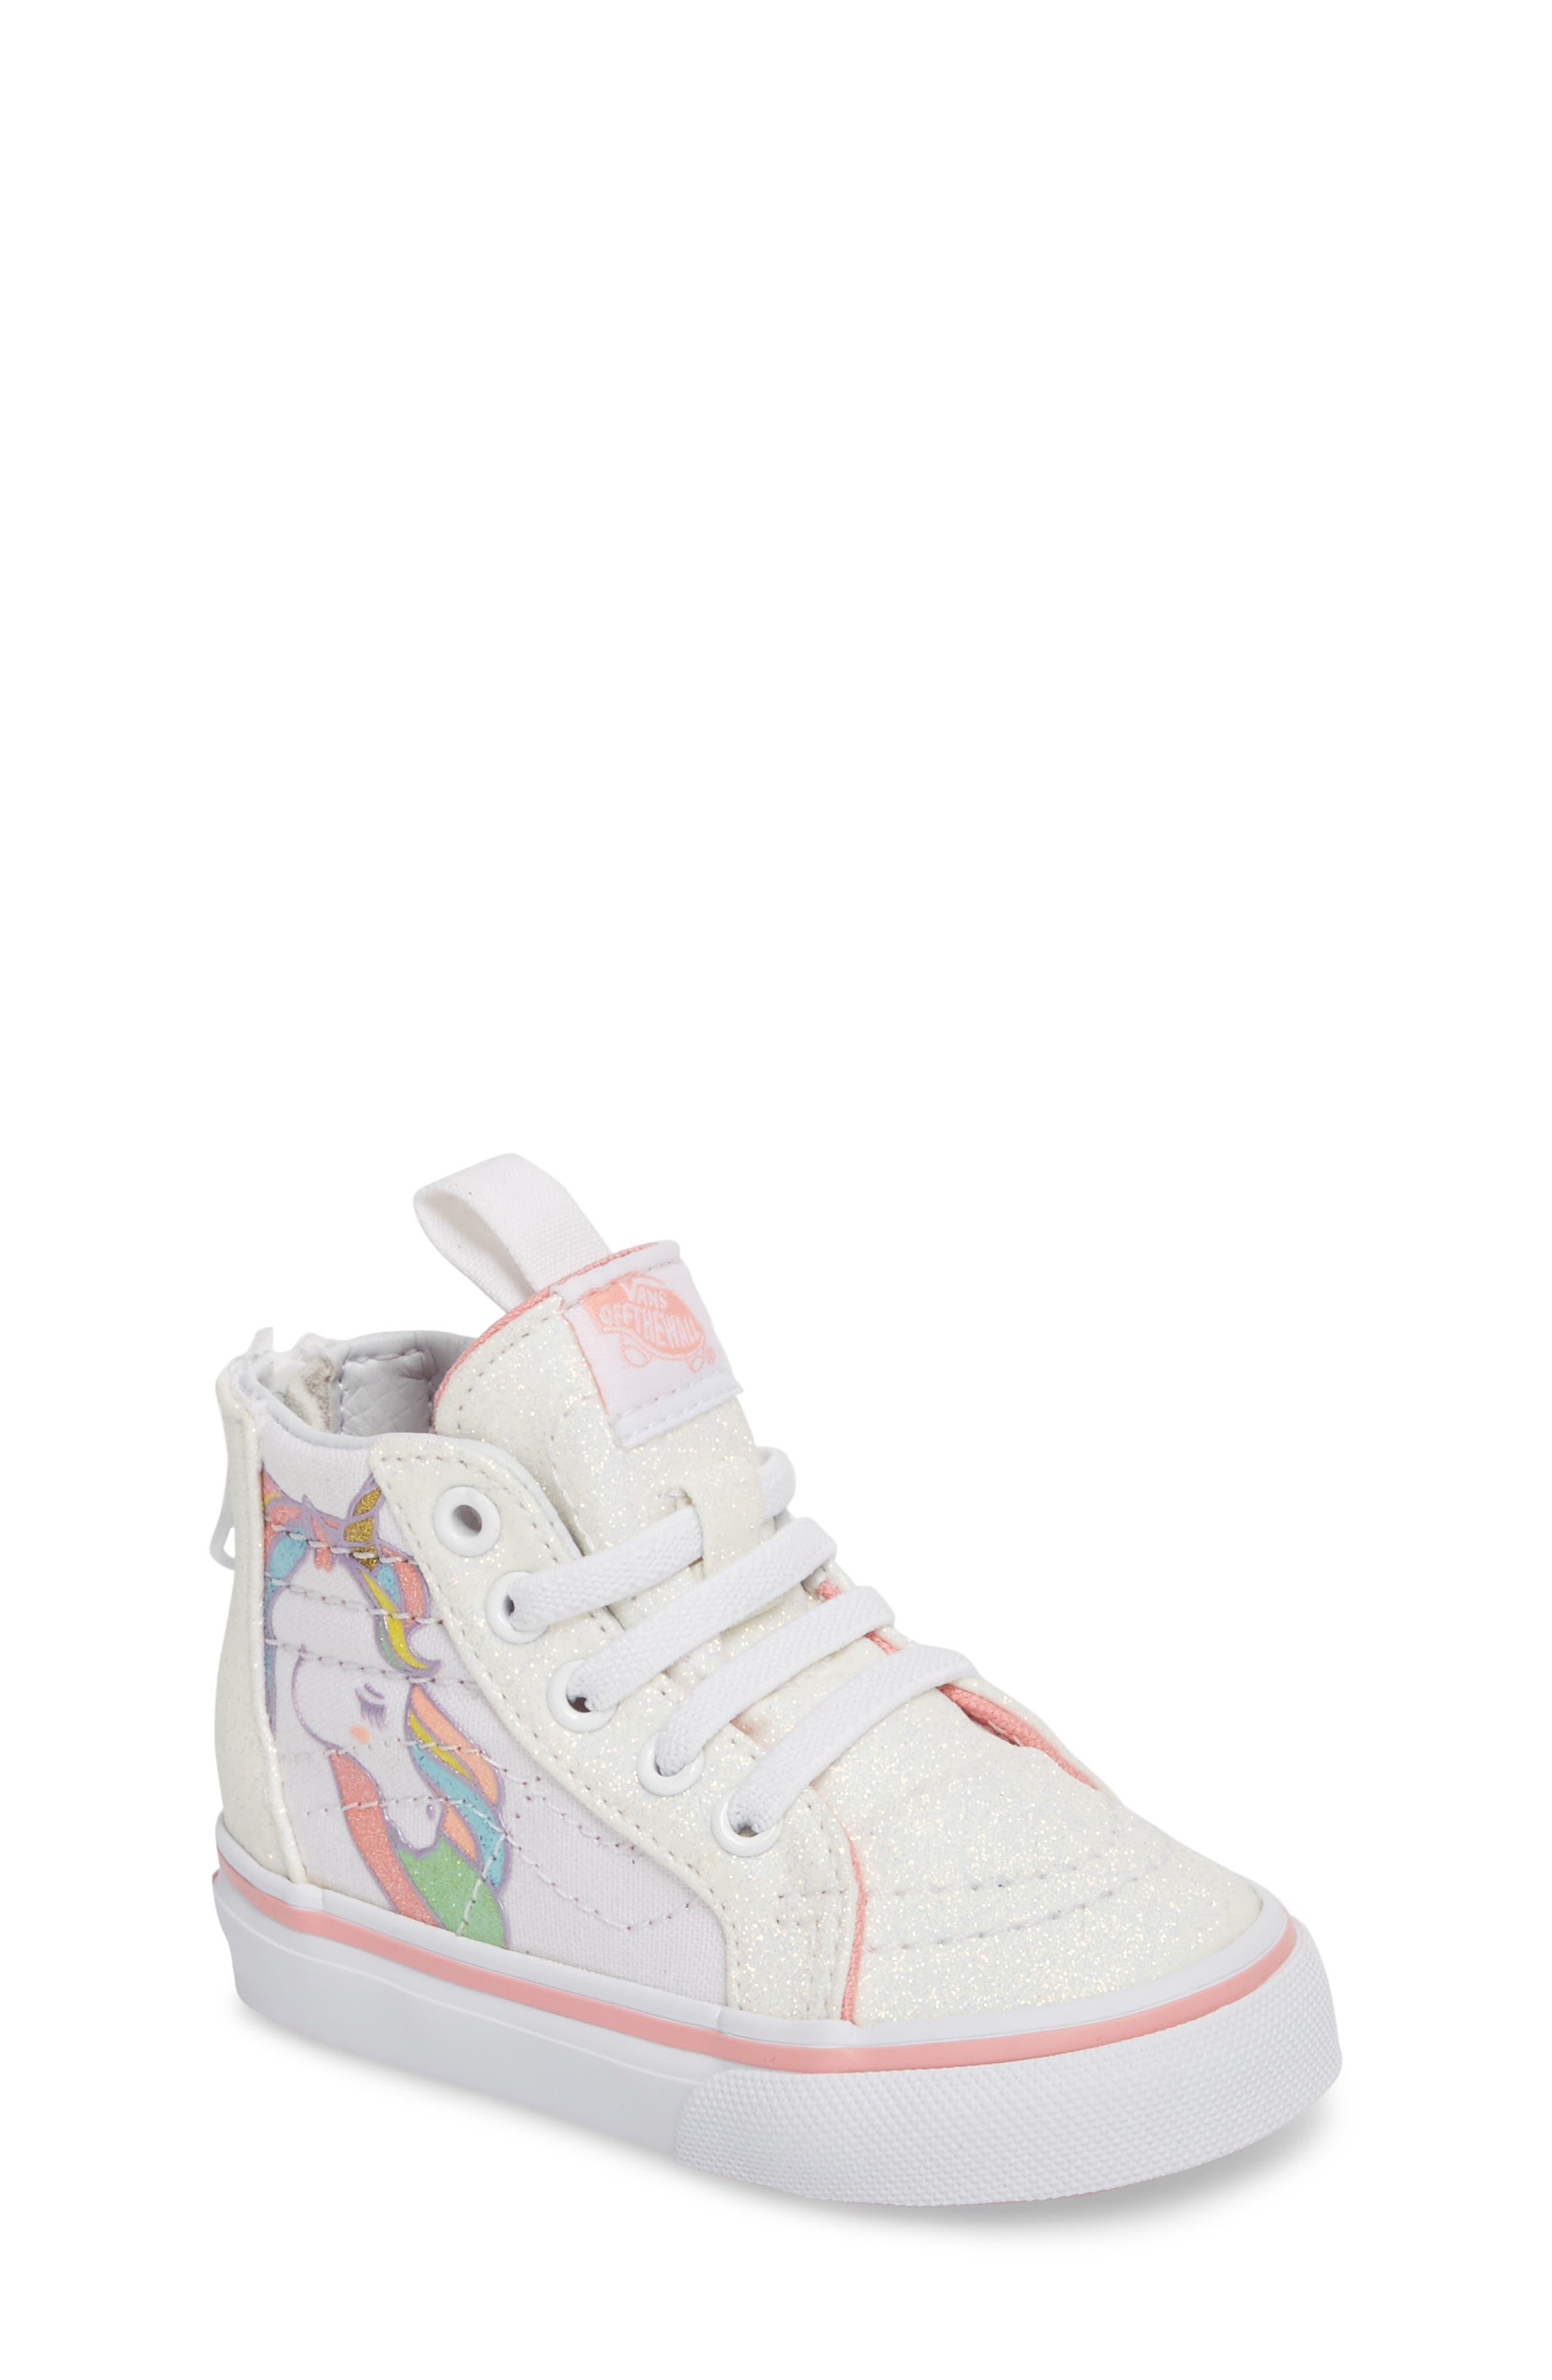 Main Image - Vans SK8-Hi Zip Glitter Unicorn Sneaker (Baby, Walker & Toddler)